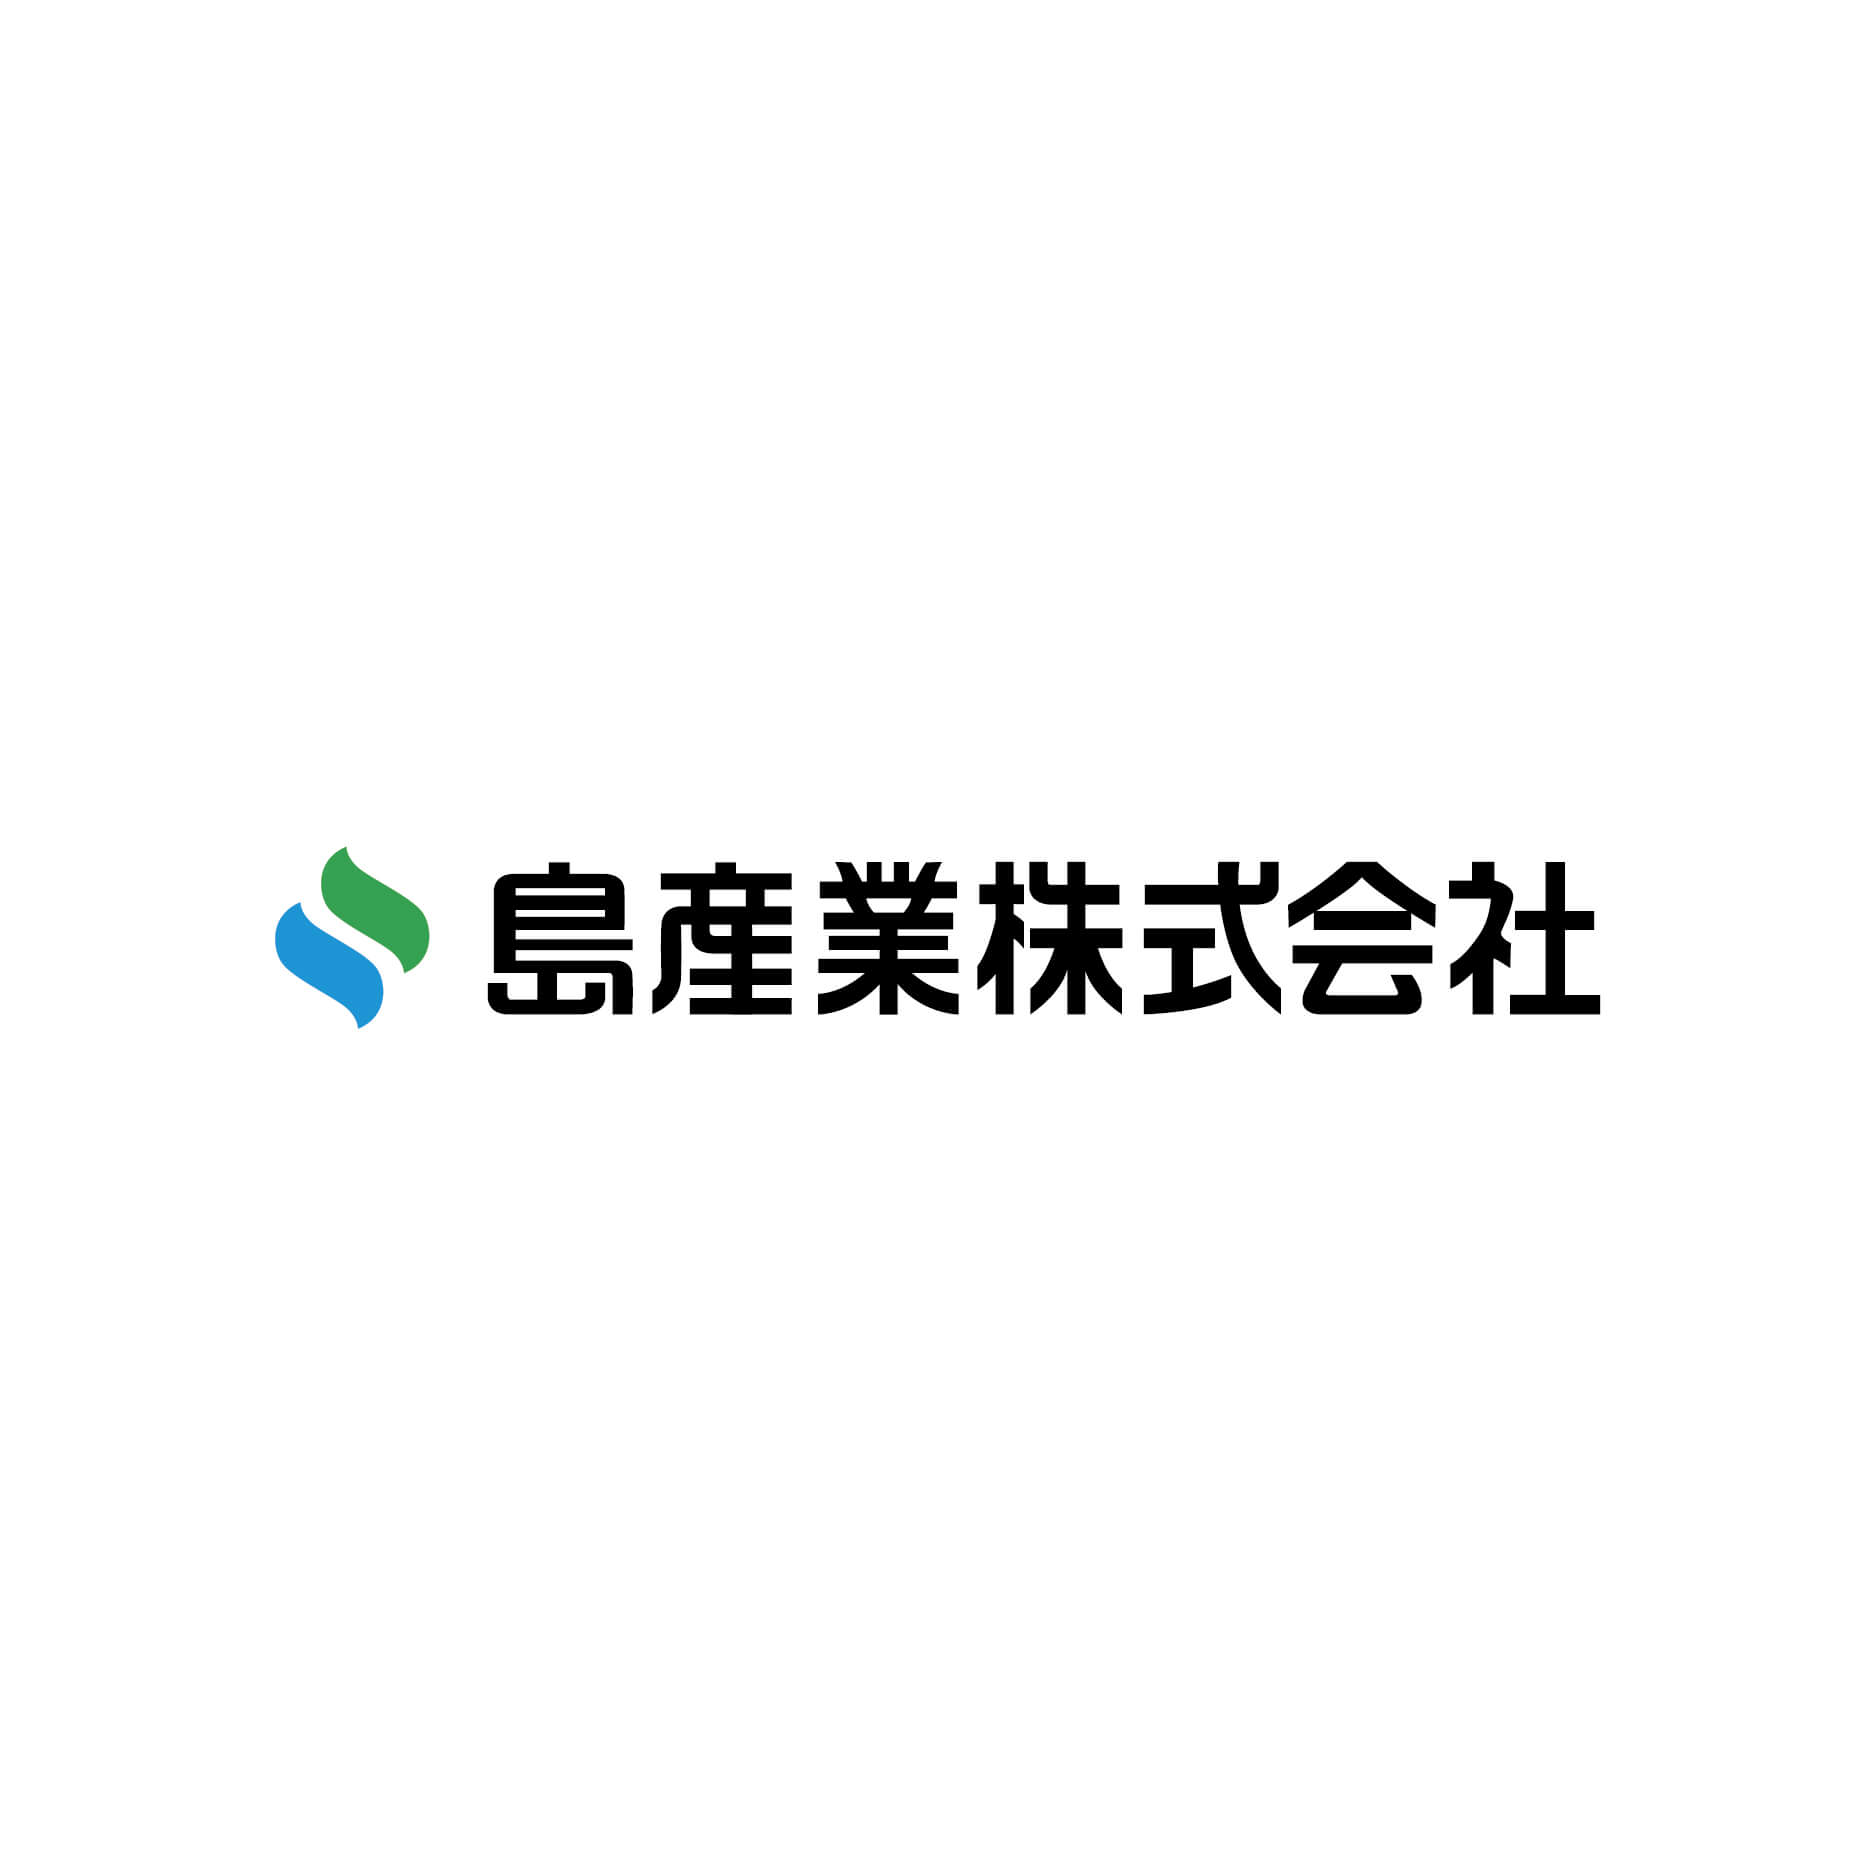 島産業株式会社